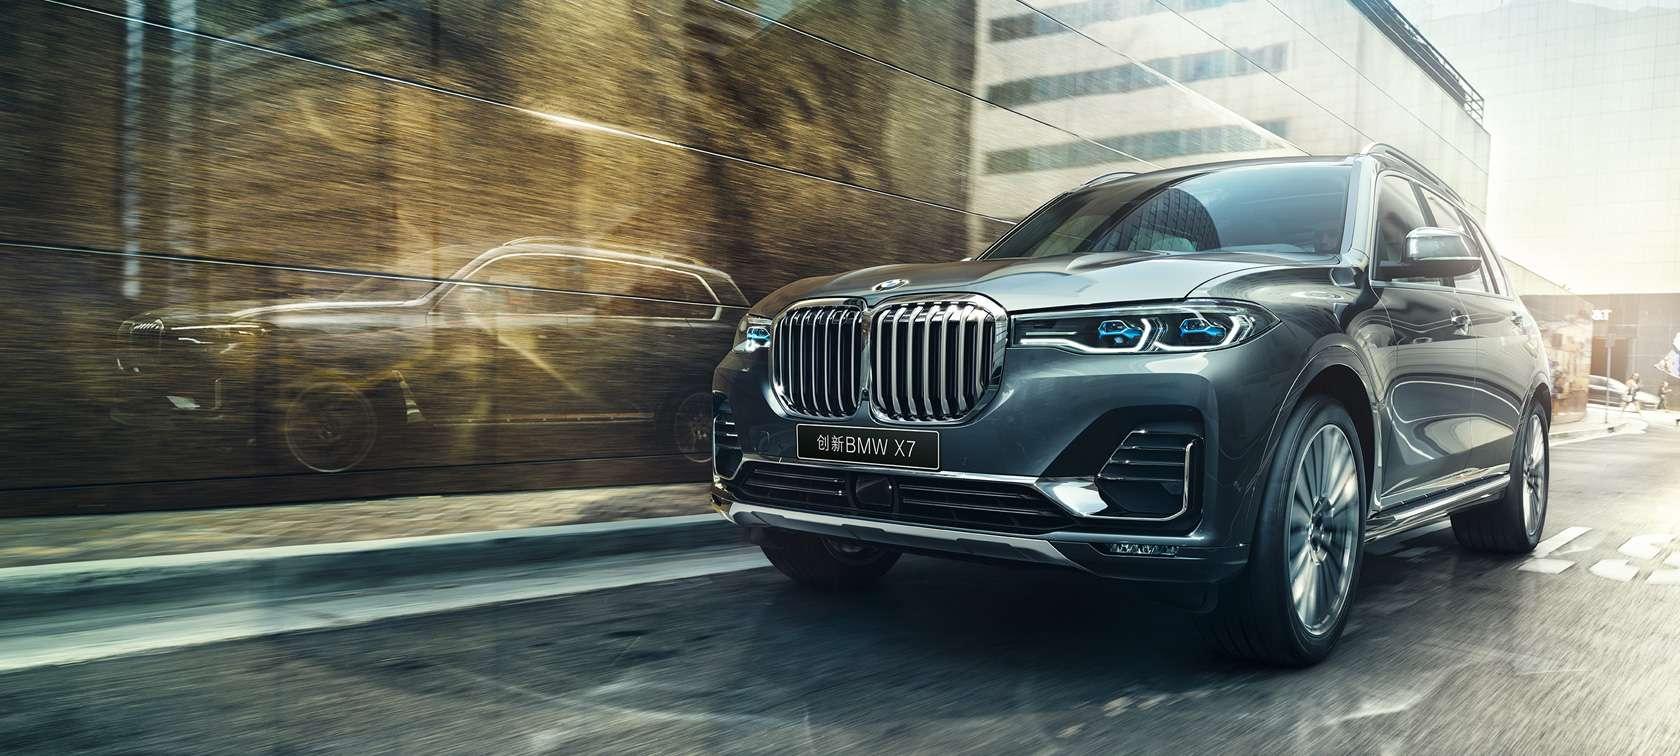 創新BMW X7創新科技澎湃之勢內外兼修